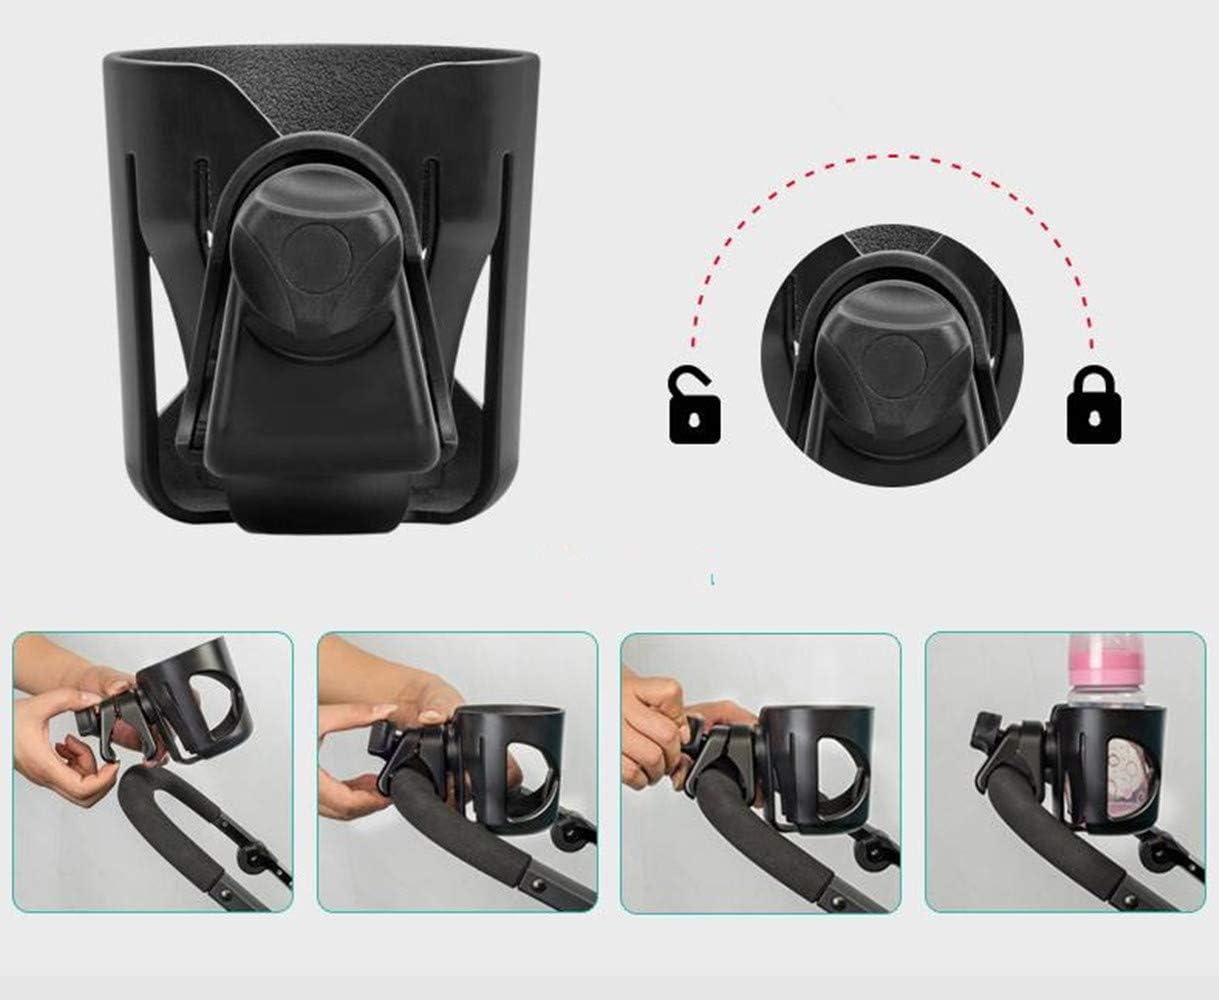 Fauteuil Roulant Chaise de Bureau Porte-biberon pour Poussettes Cage de Bouteille Deau Scooter Porte-gobelet pour Poussette